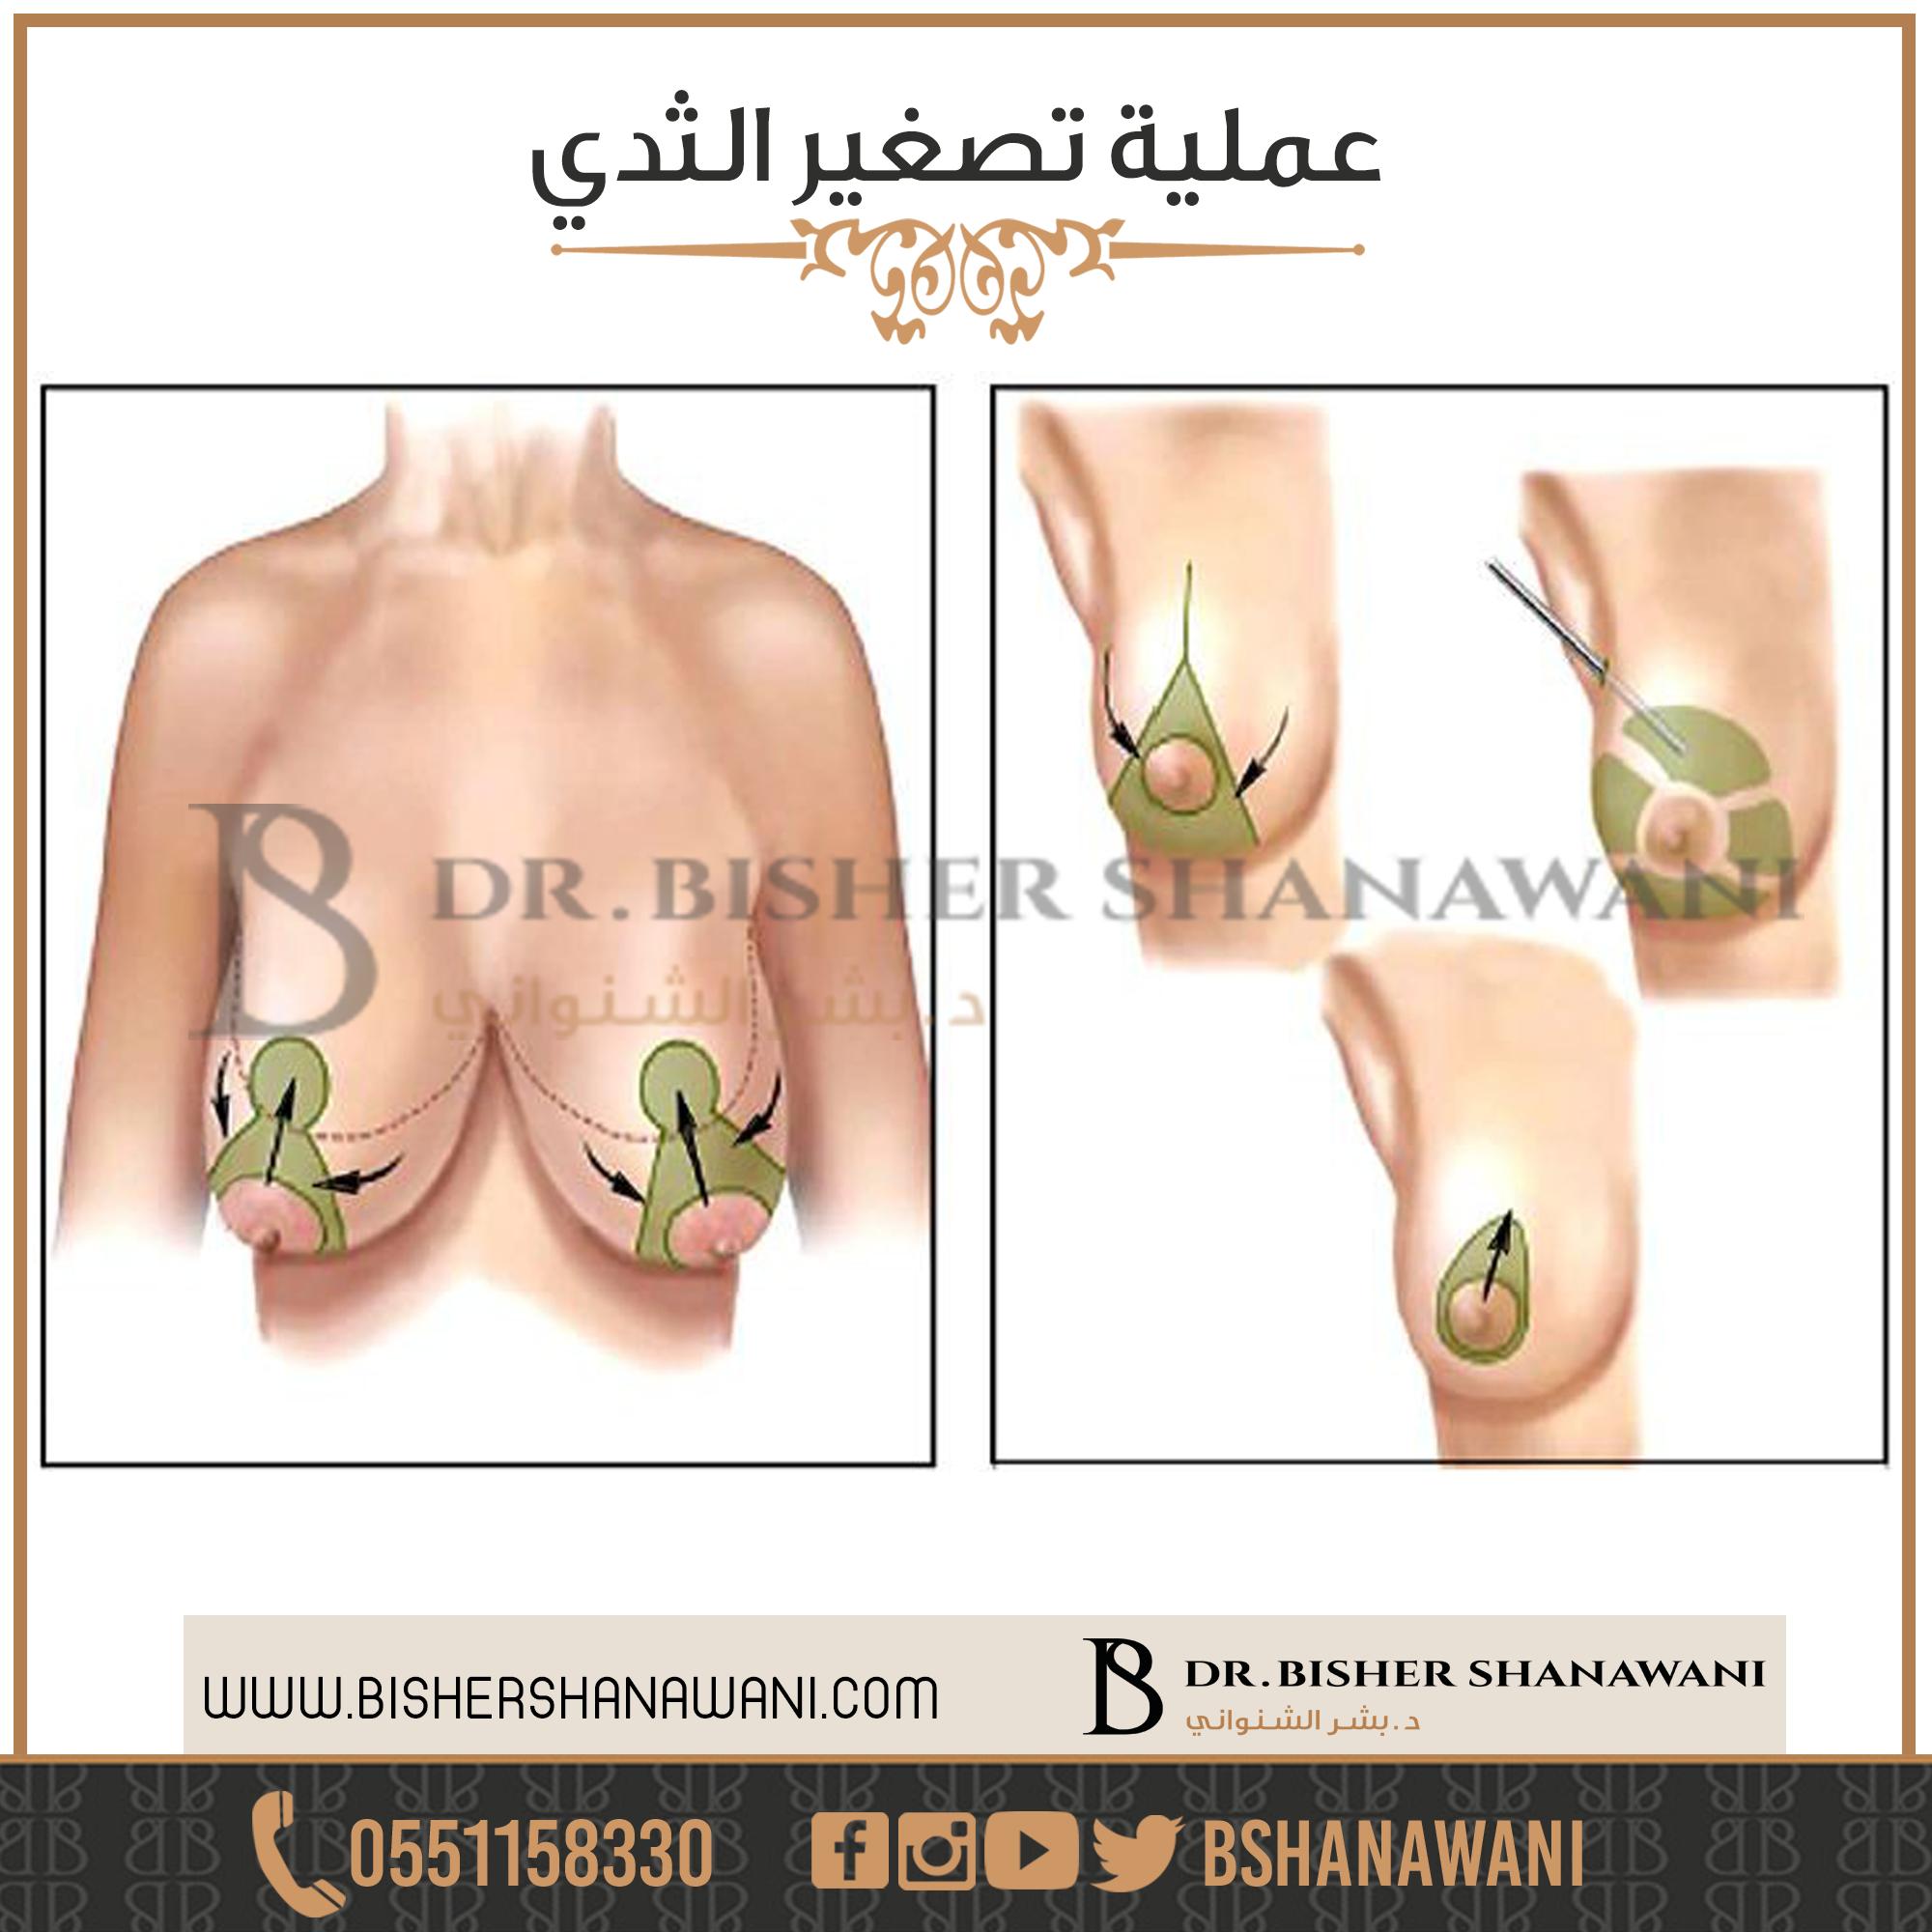 راحة تكبير الثدي هي إحدى الجراحات التجميلية الأكثر شيوعا عملية تصغير الثدي مع د بشر الشنواني شد الصدر يمكن للثدي الكبير جدا أن ي Plastic Surgery Garlic Surgery